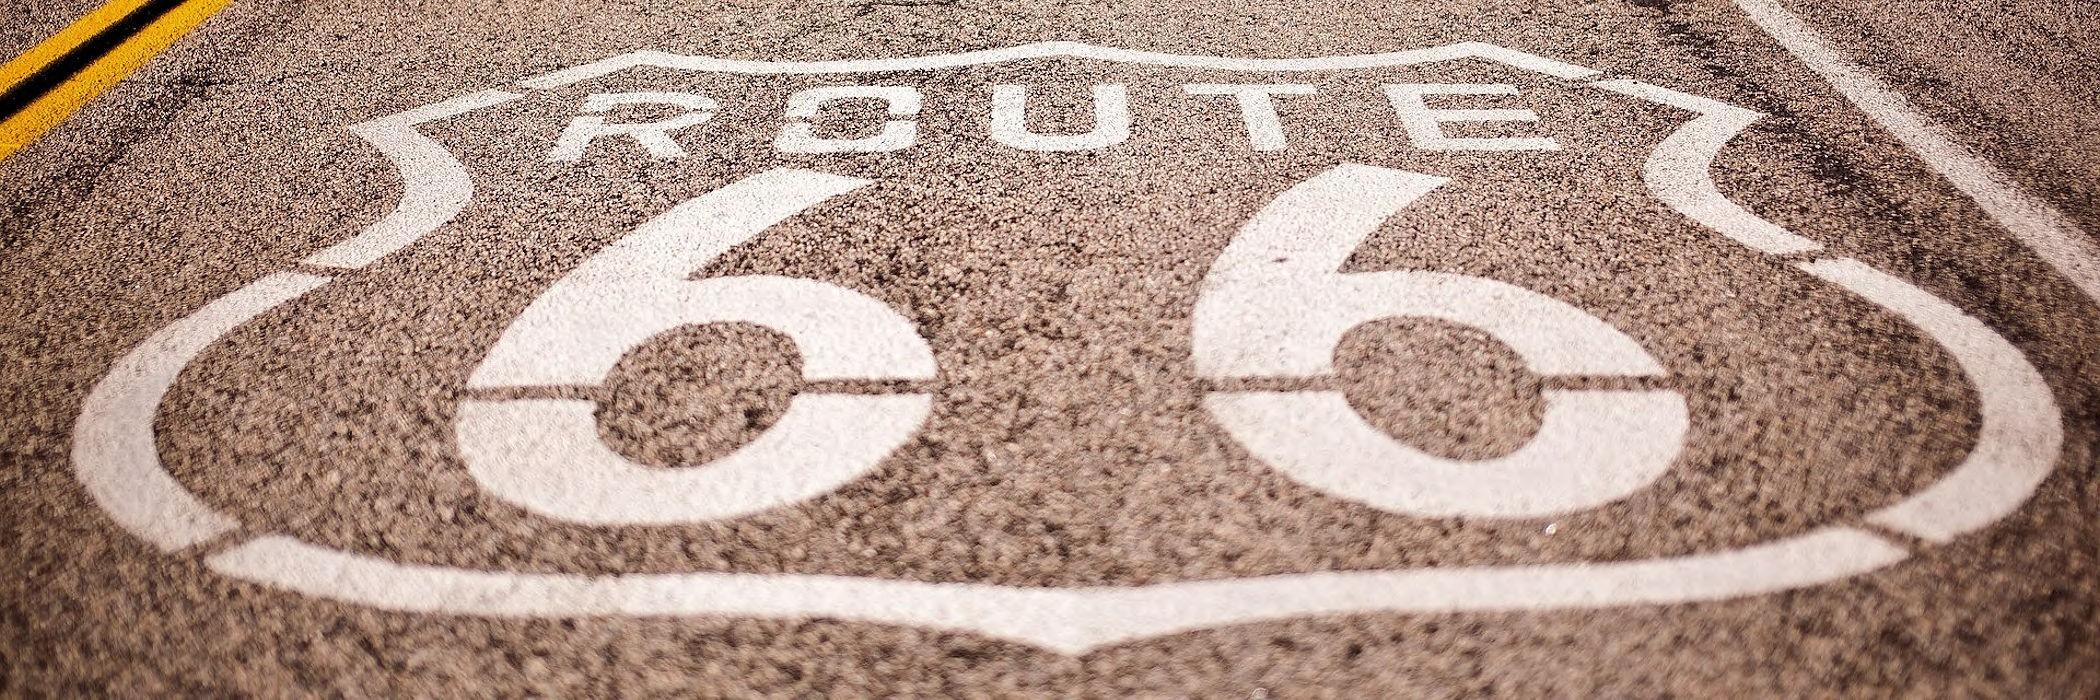 La Boutique officielle Route 66 Store